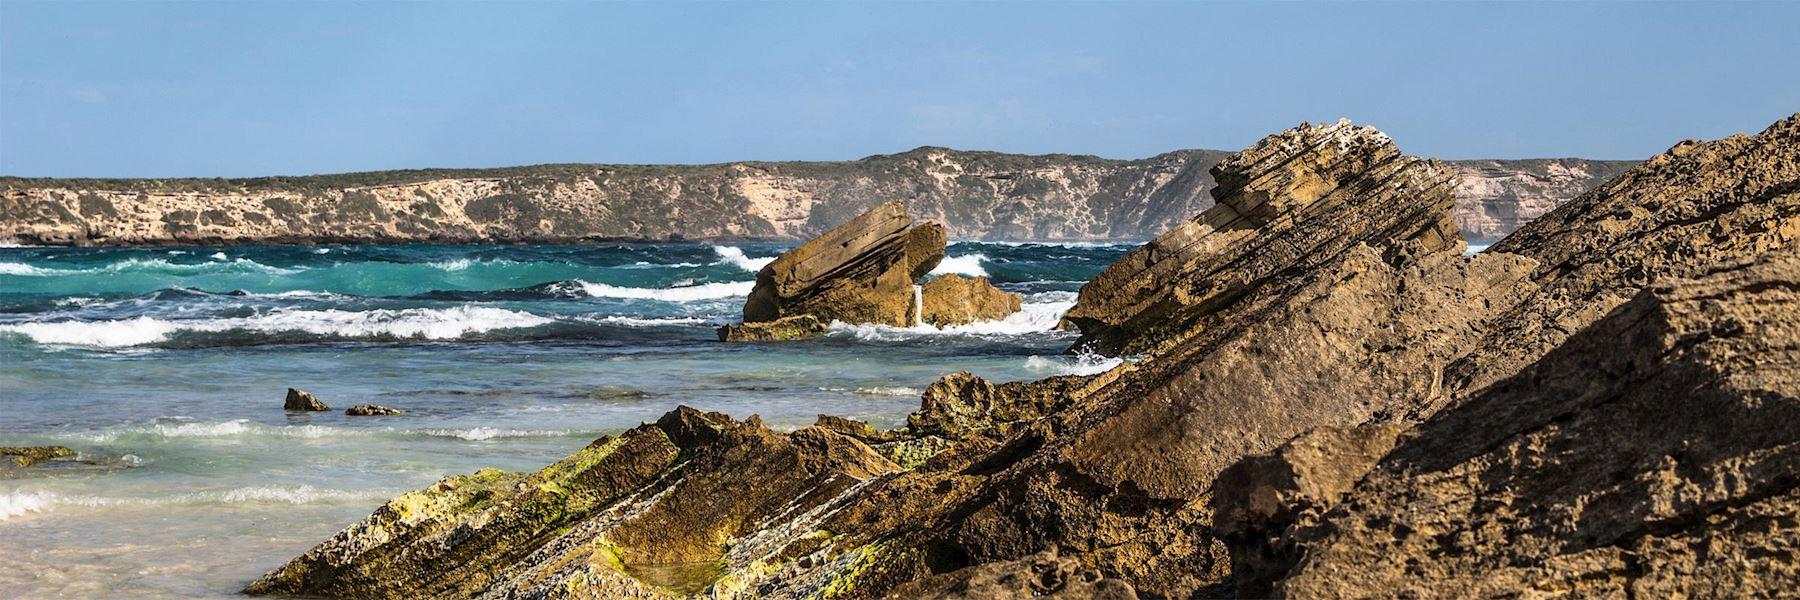 Visit Eyre Peninsula, Australia